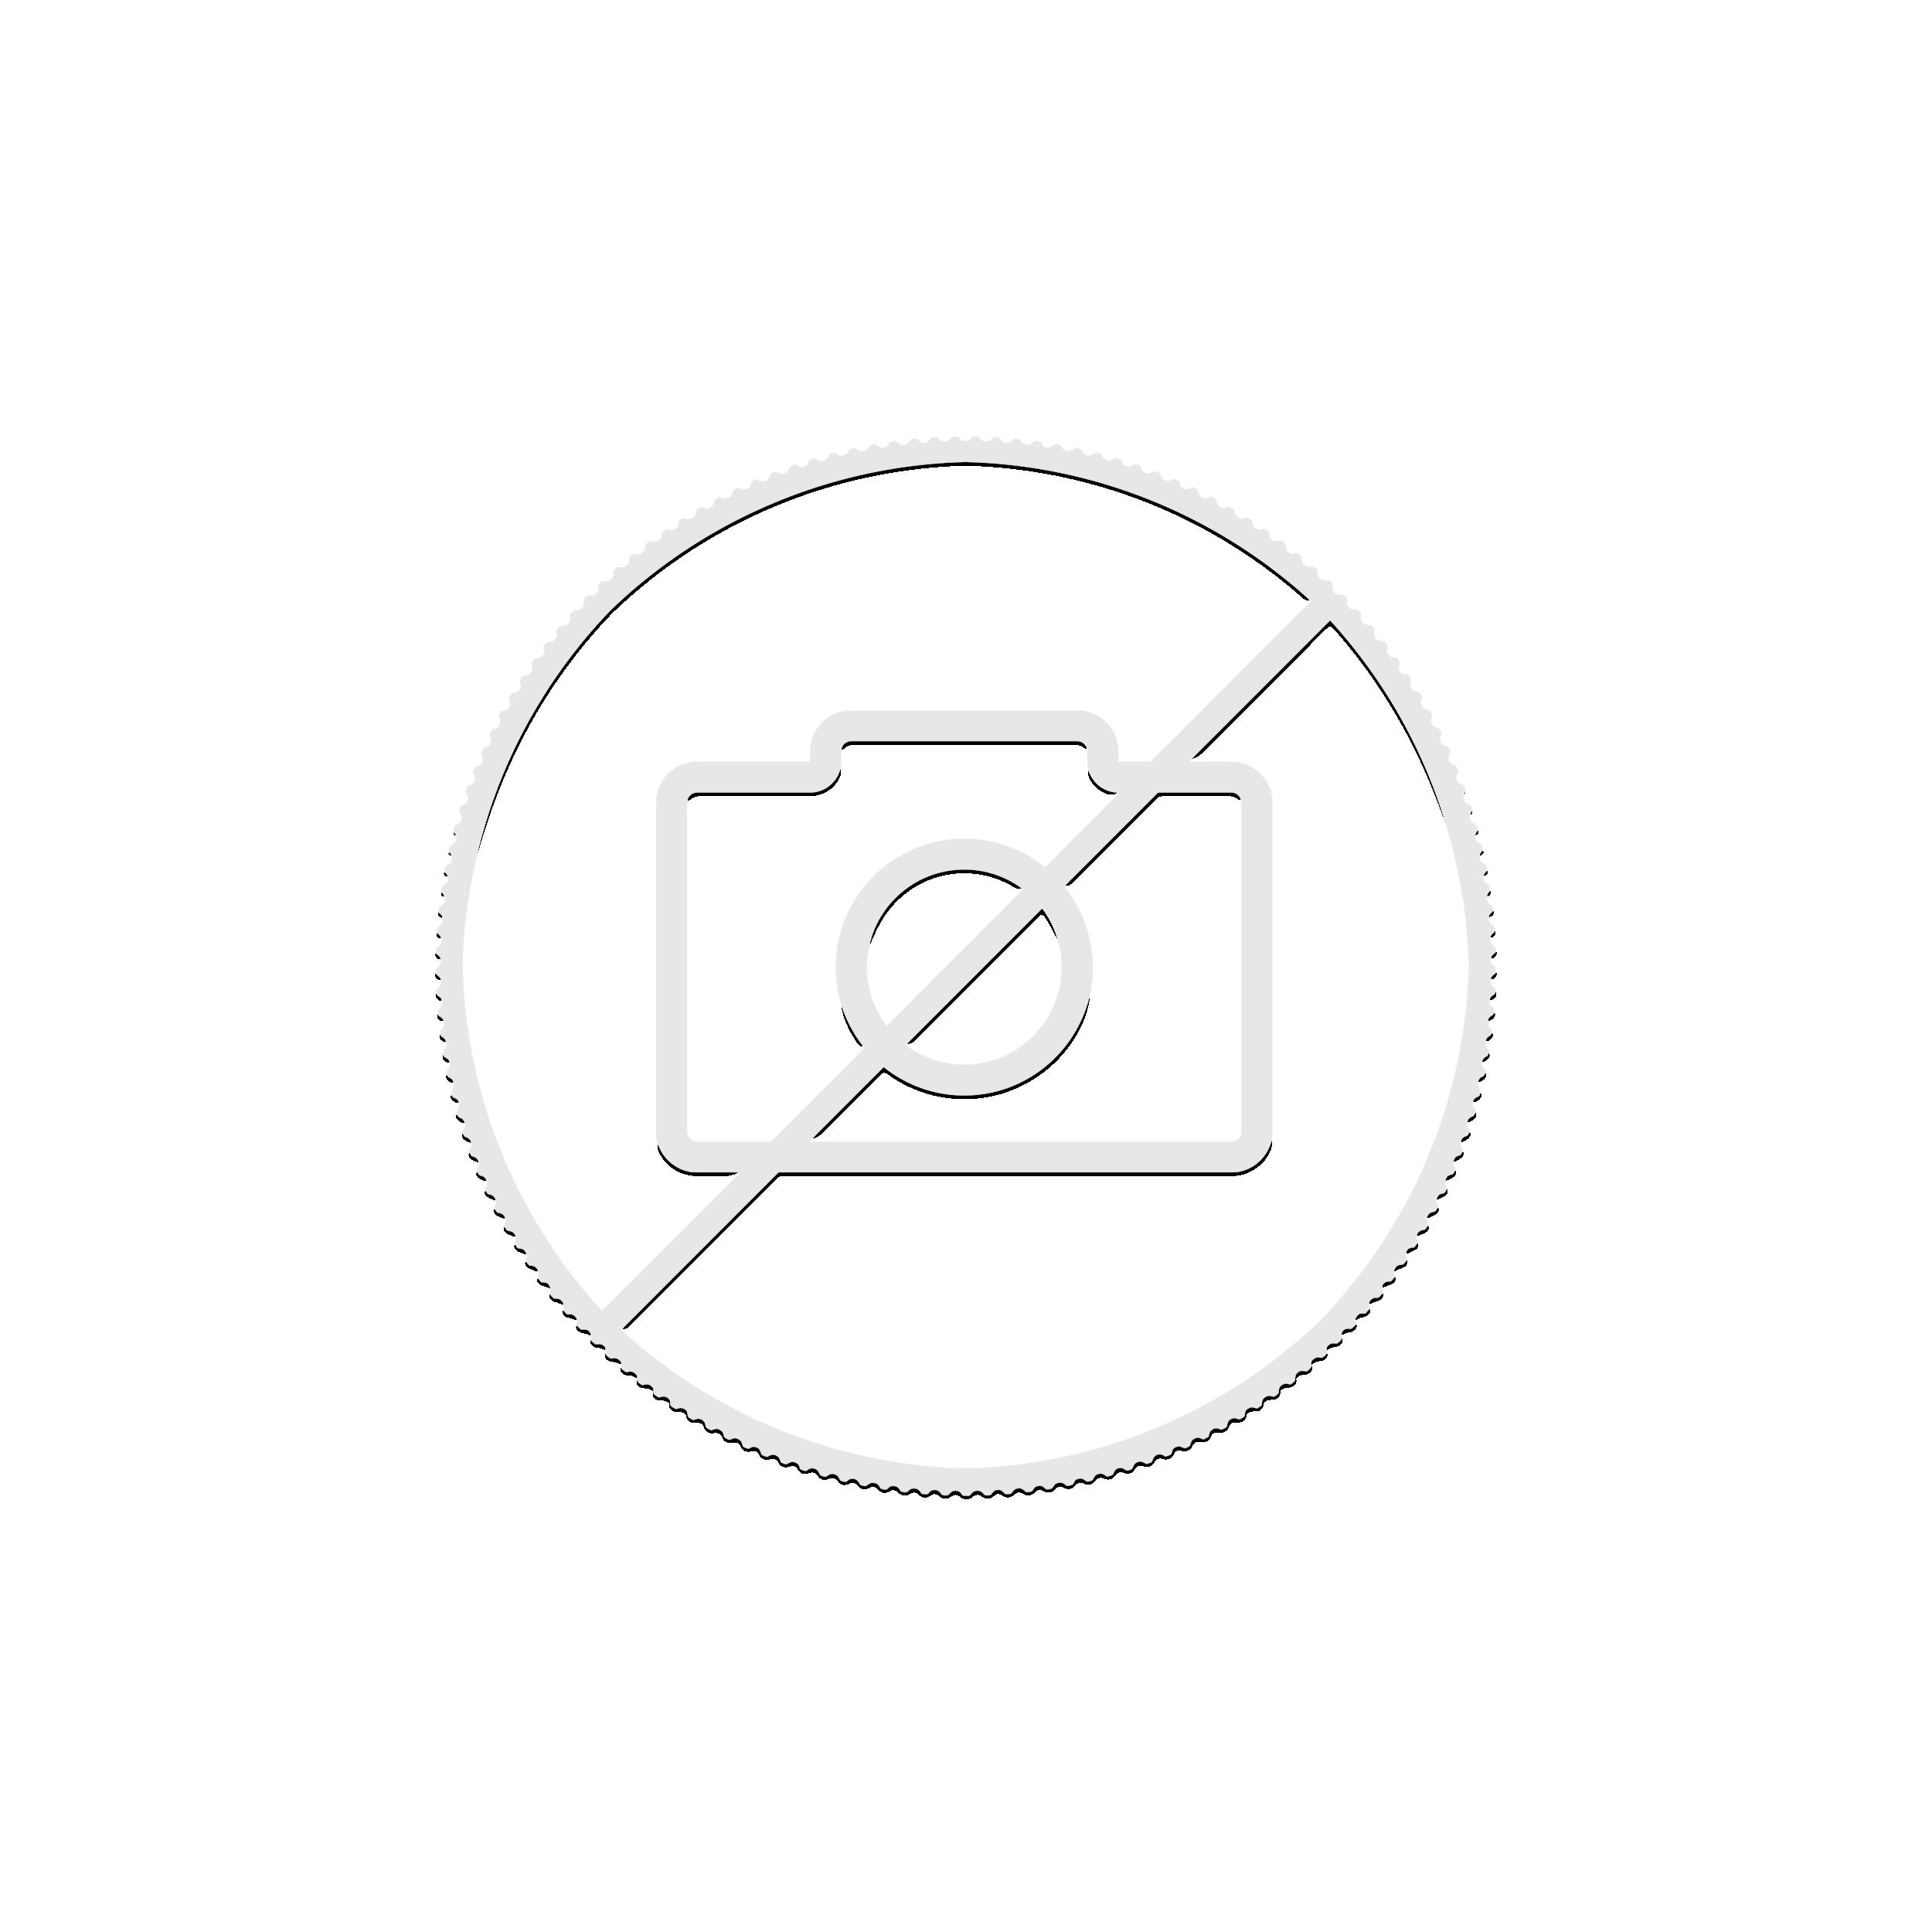 Goud baar 2,5 gram Umicore met certificaat